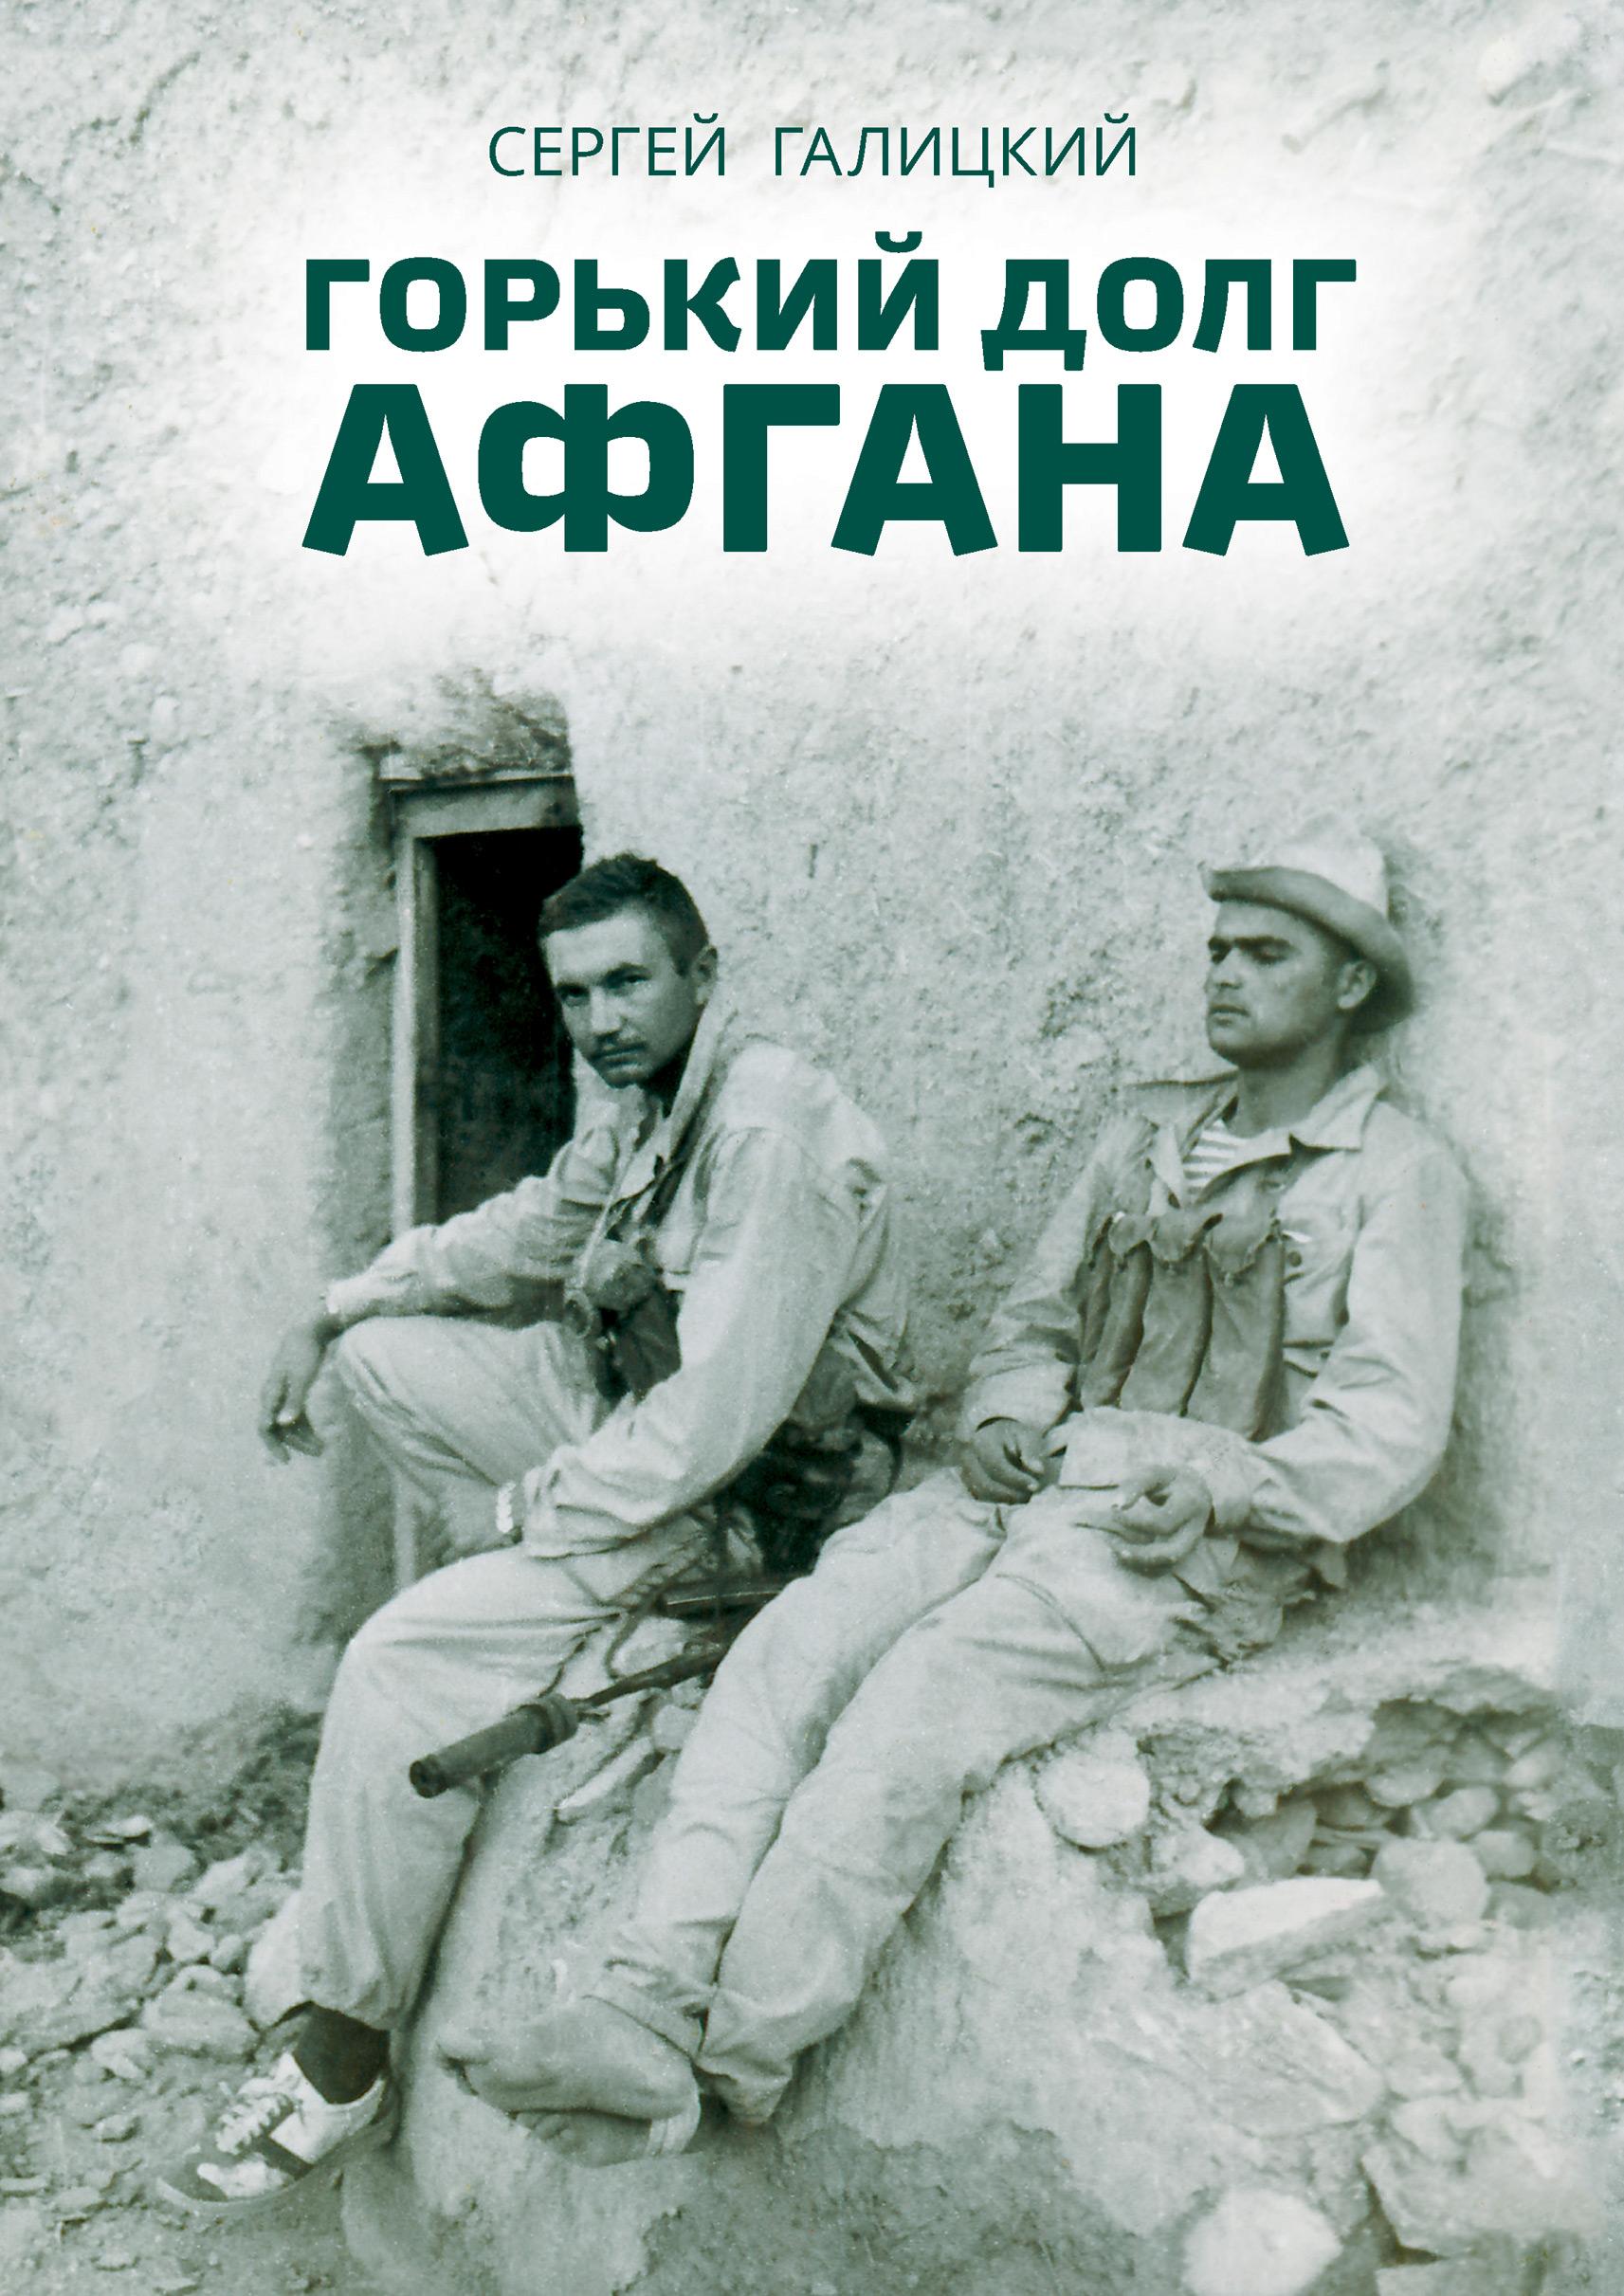 Сергей Геннадьевич Галицкий Горький долг Афгана